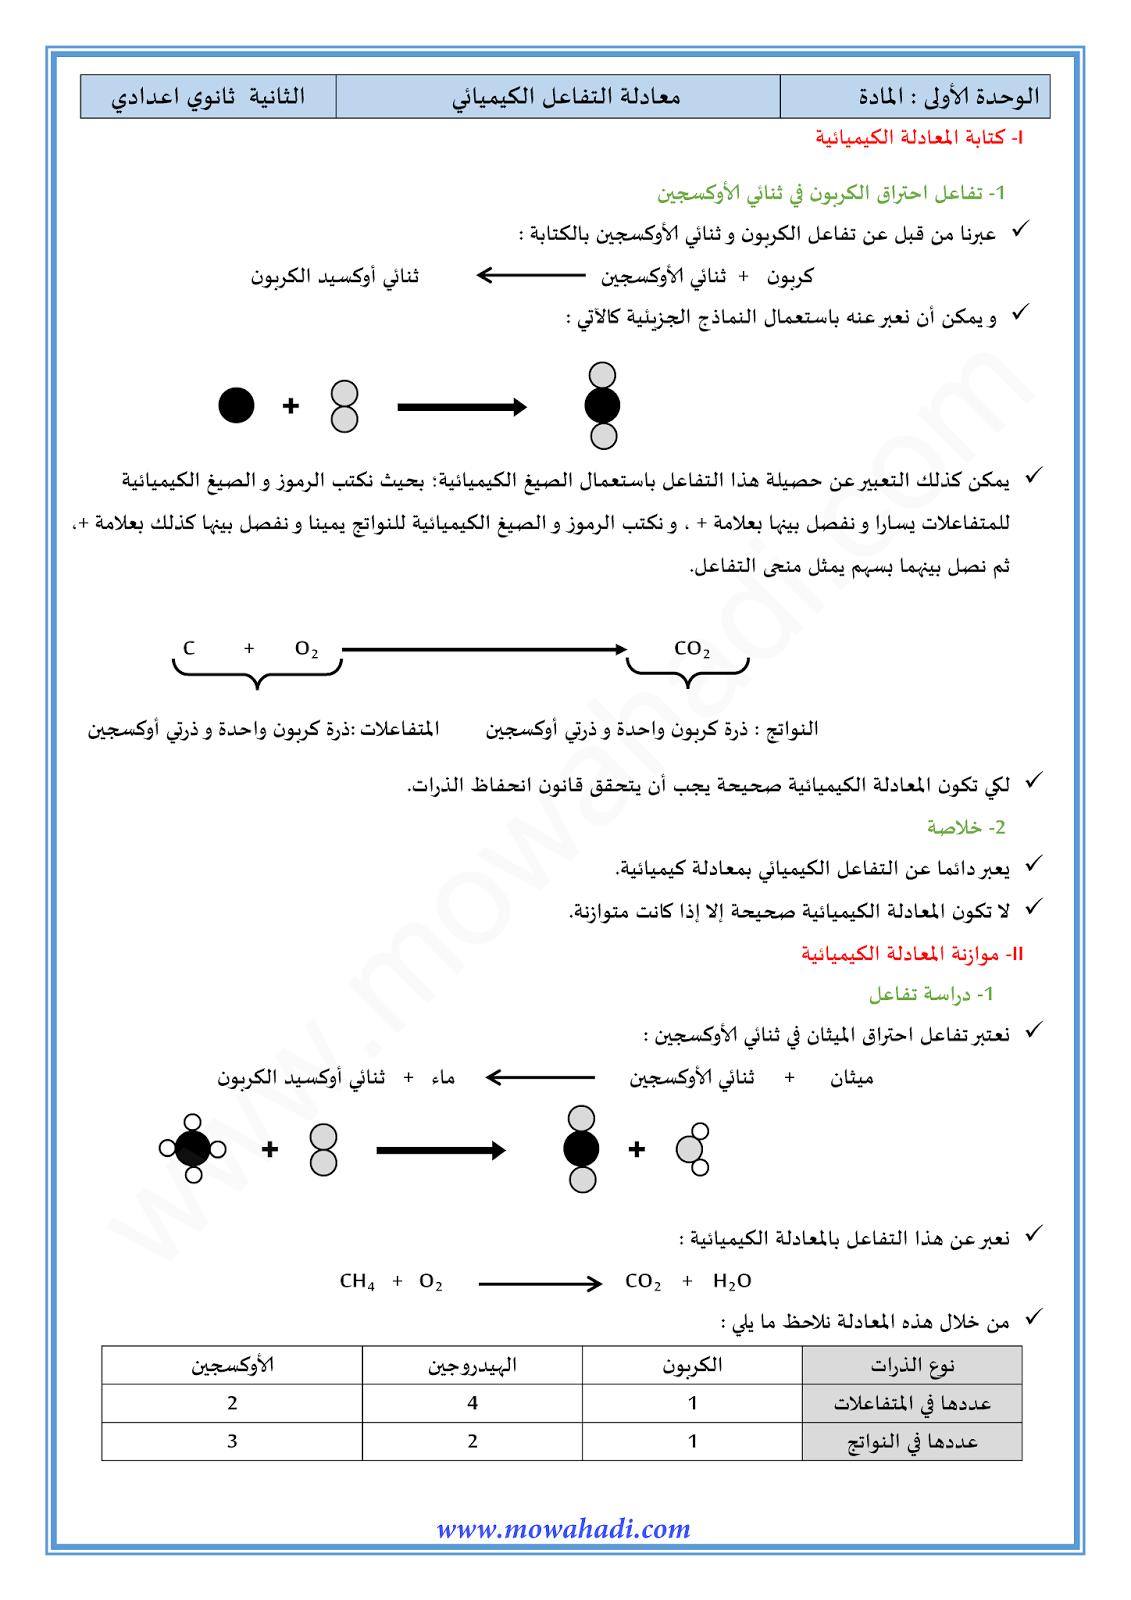 معادلة التفاعل الكيميائي